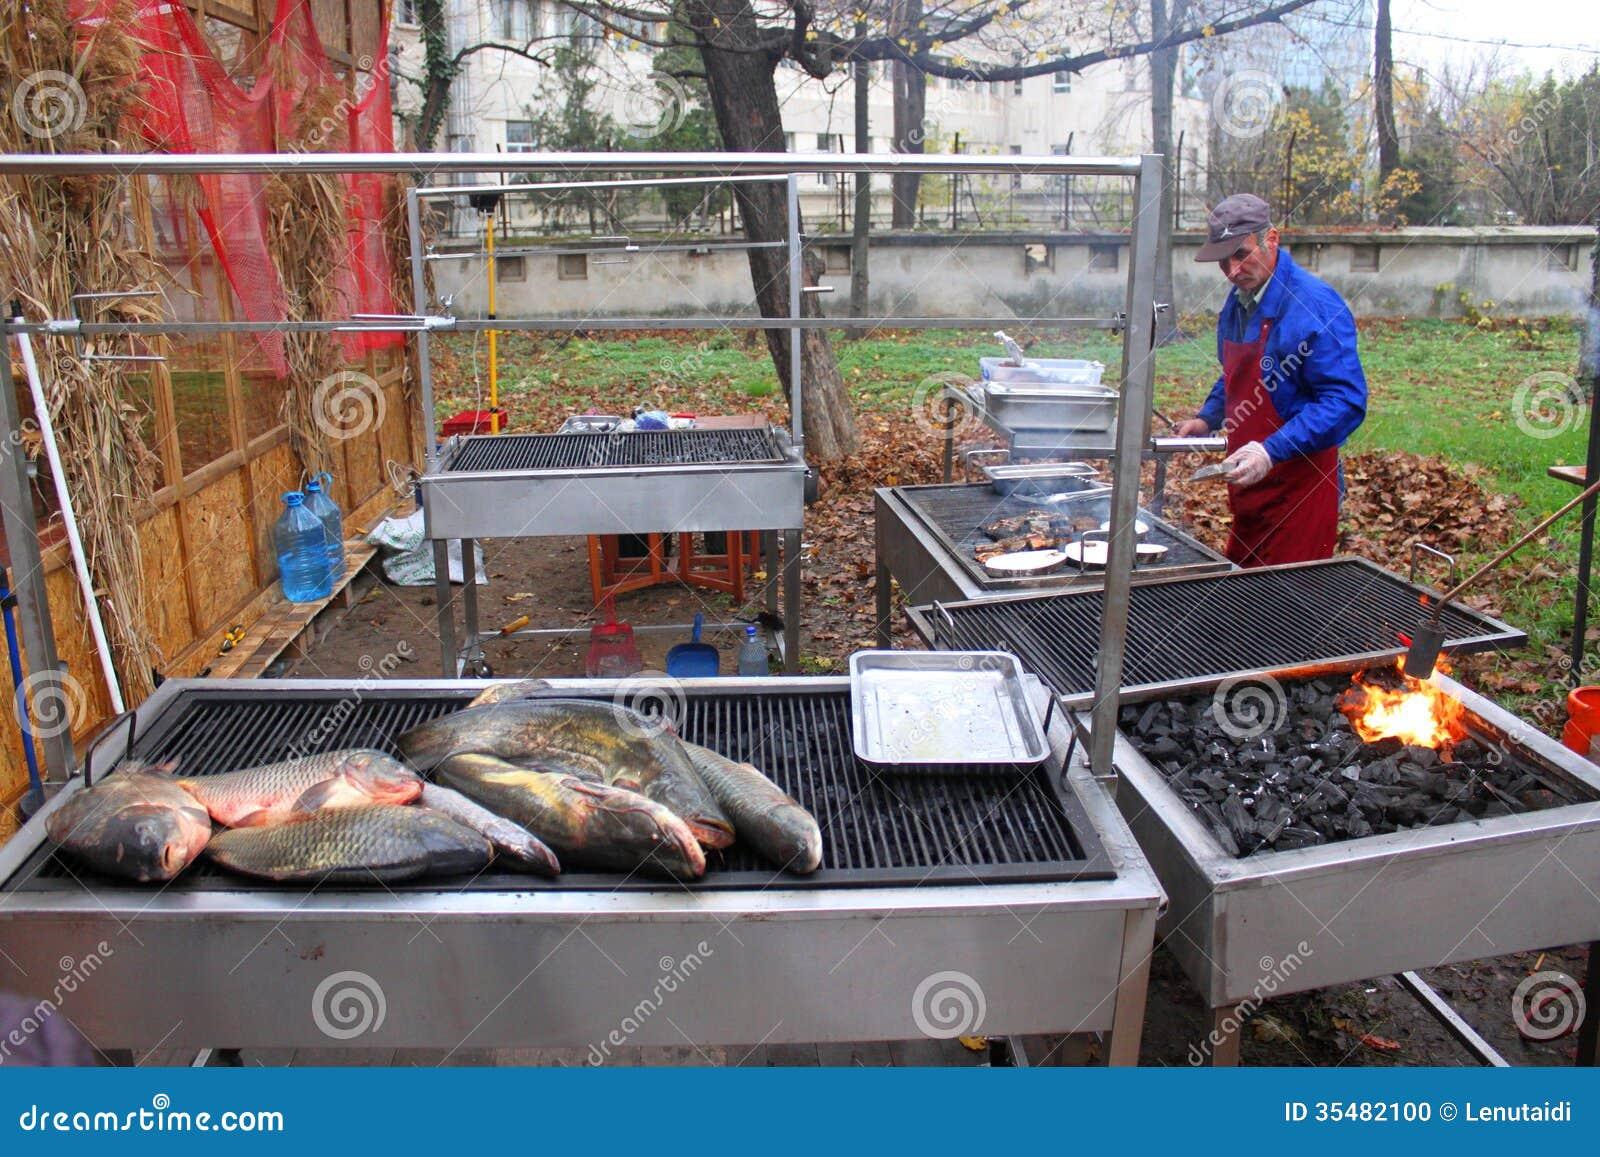 Pescados asados a la parrilla afuera imagen editorial - Parrillas para pescado ...